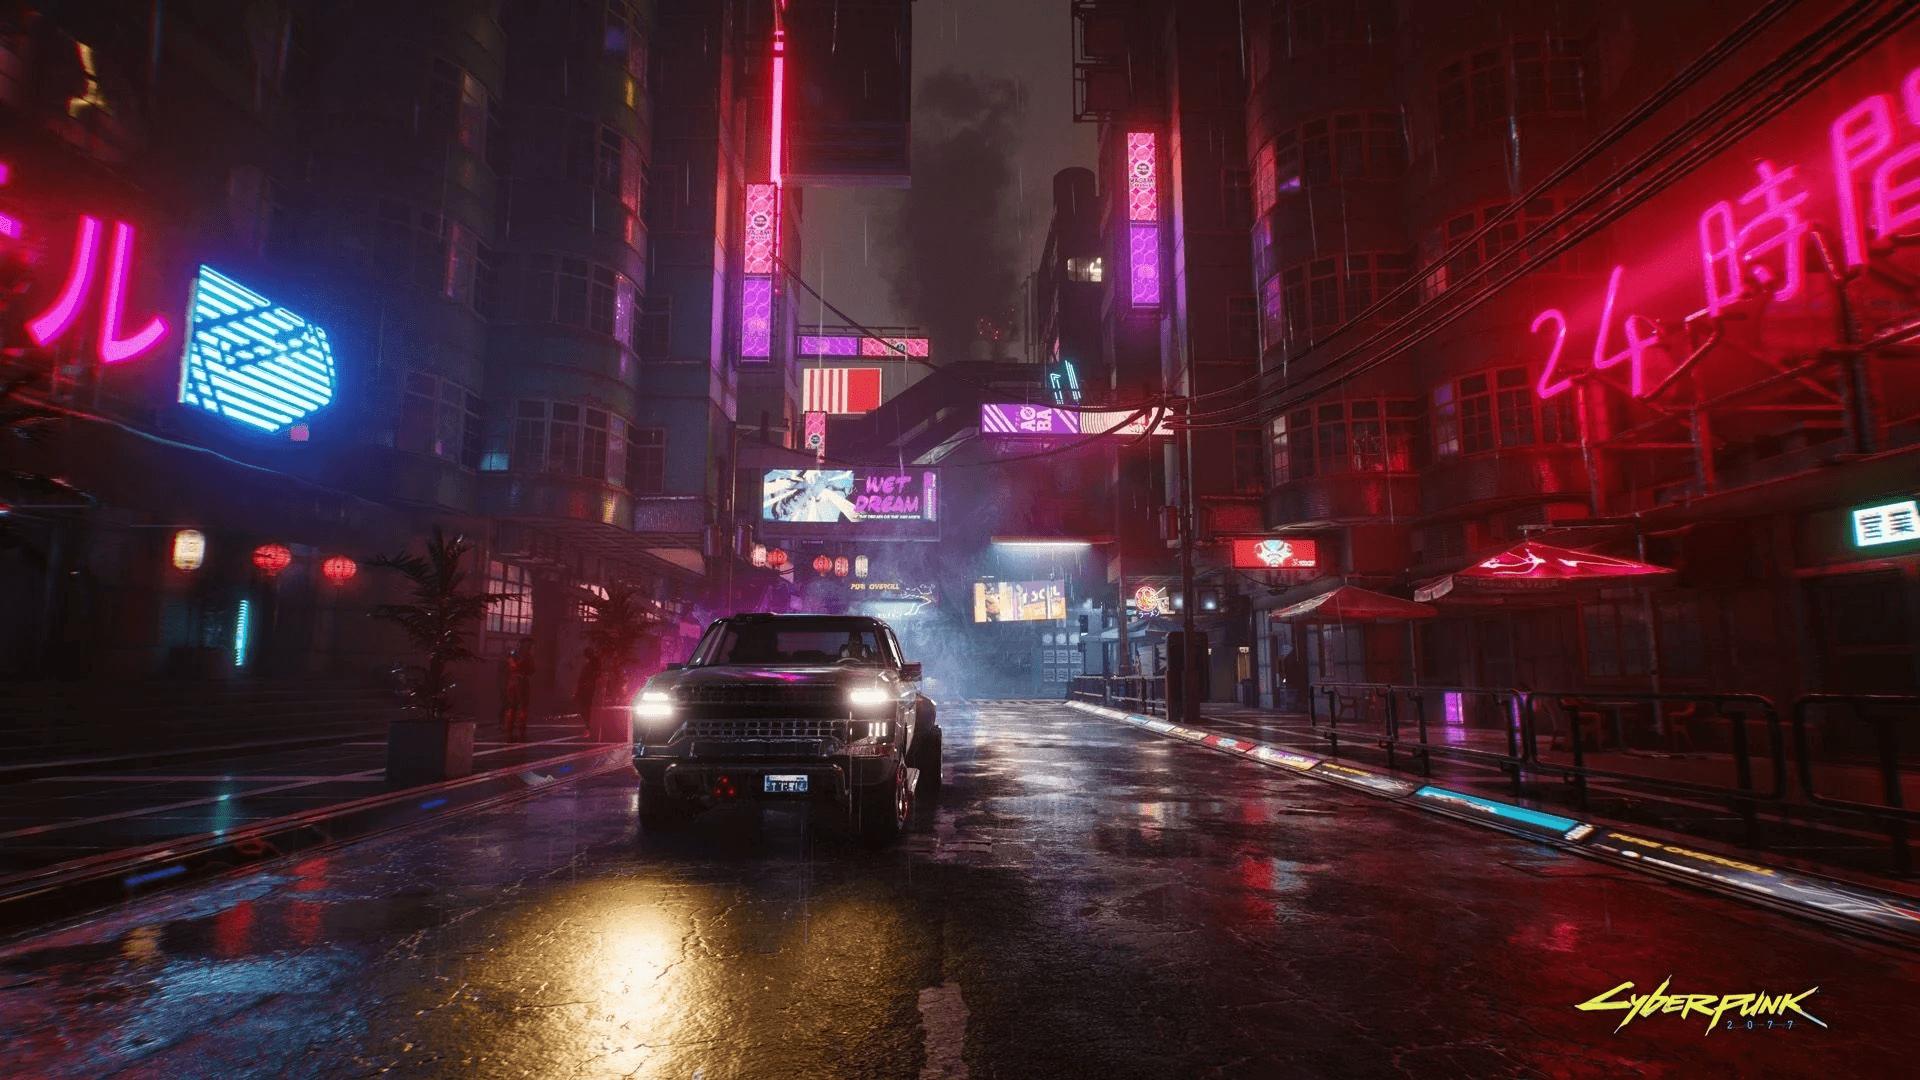 Cyberpunk rain